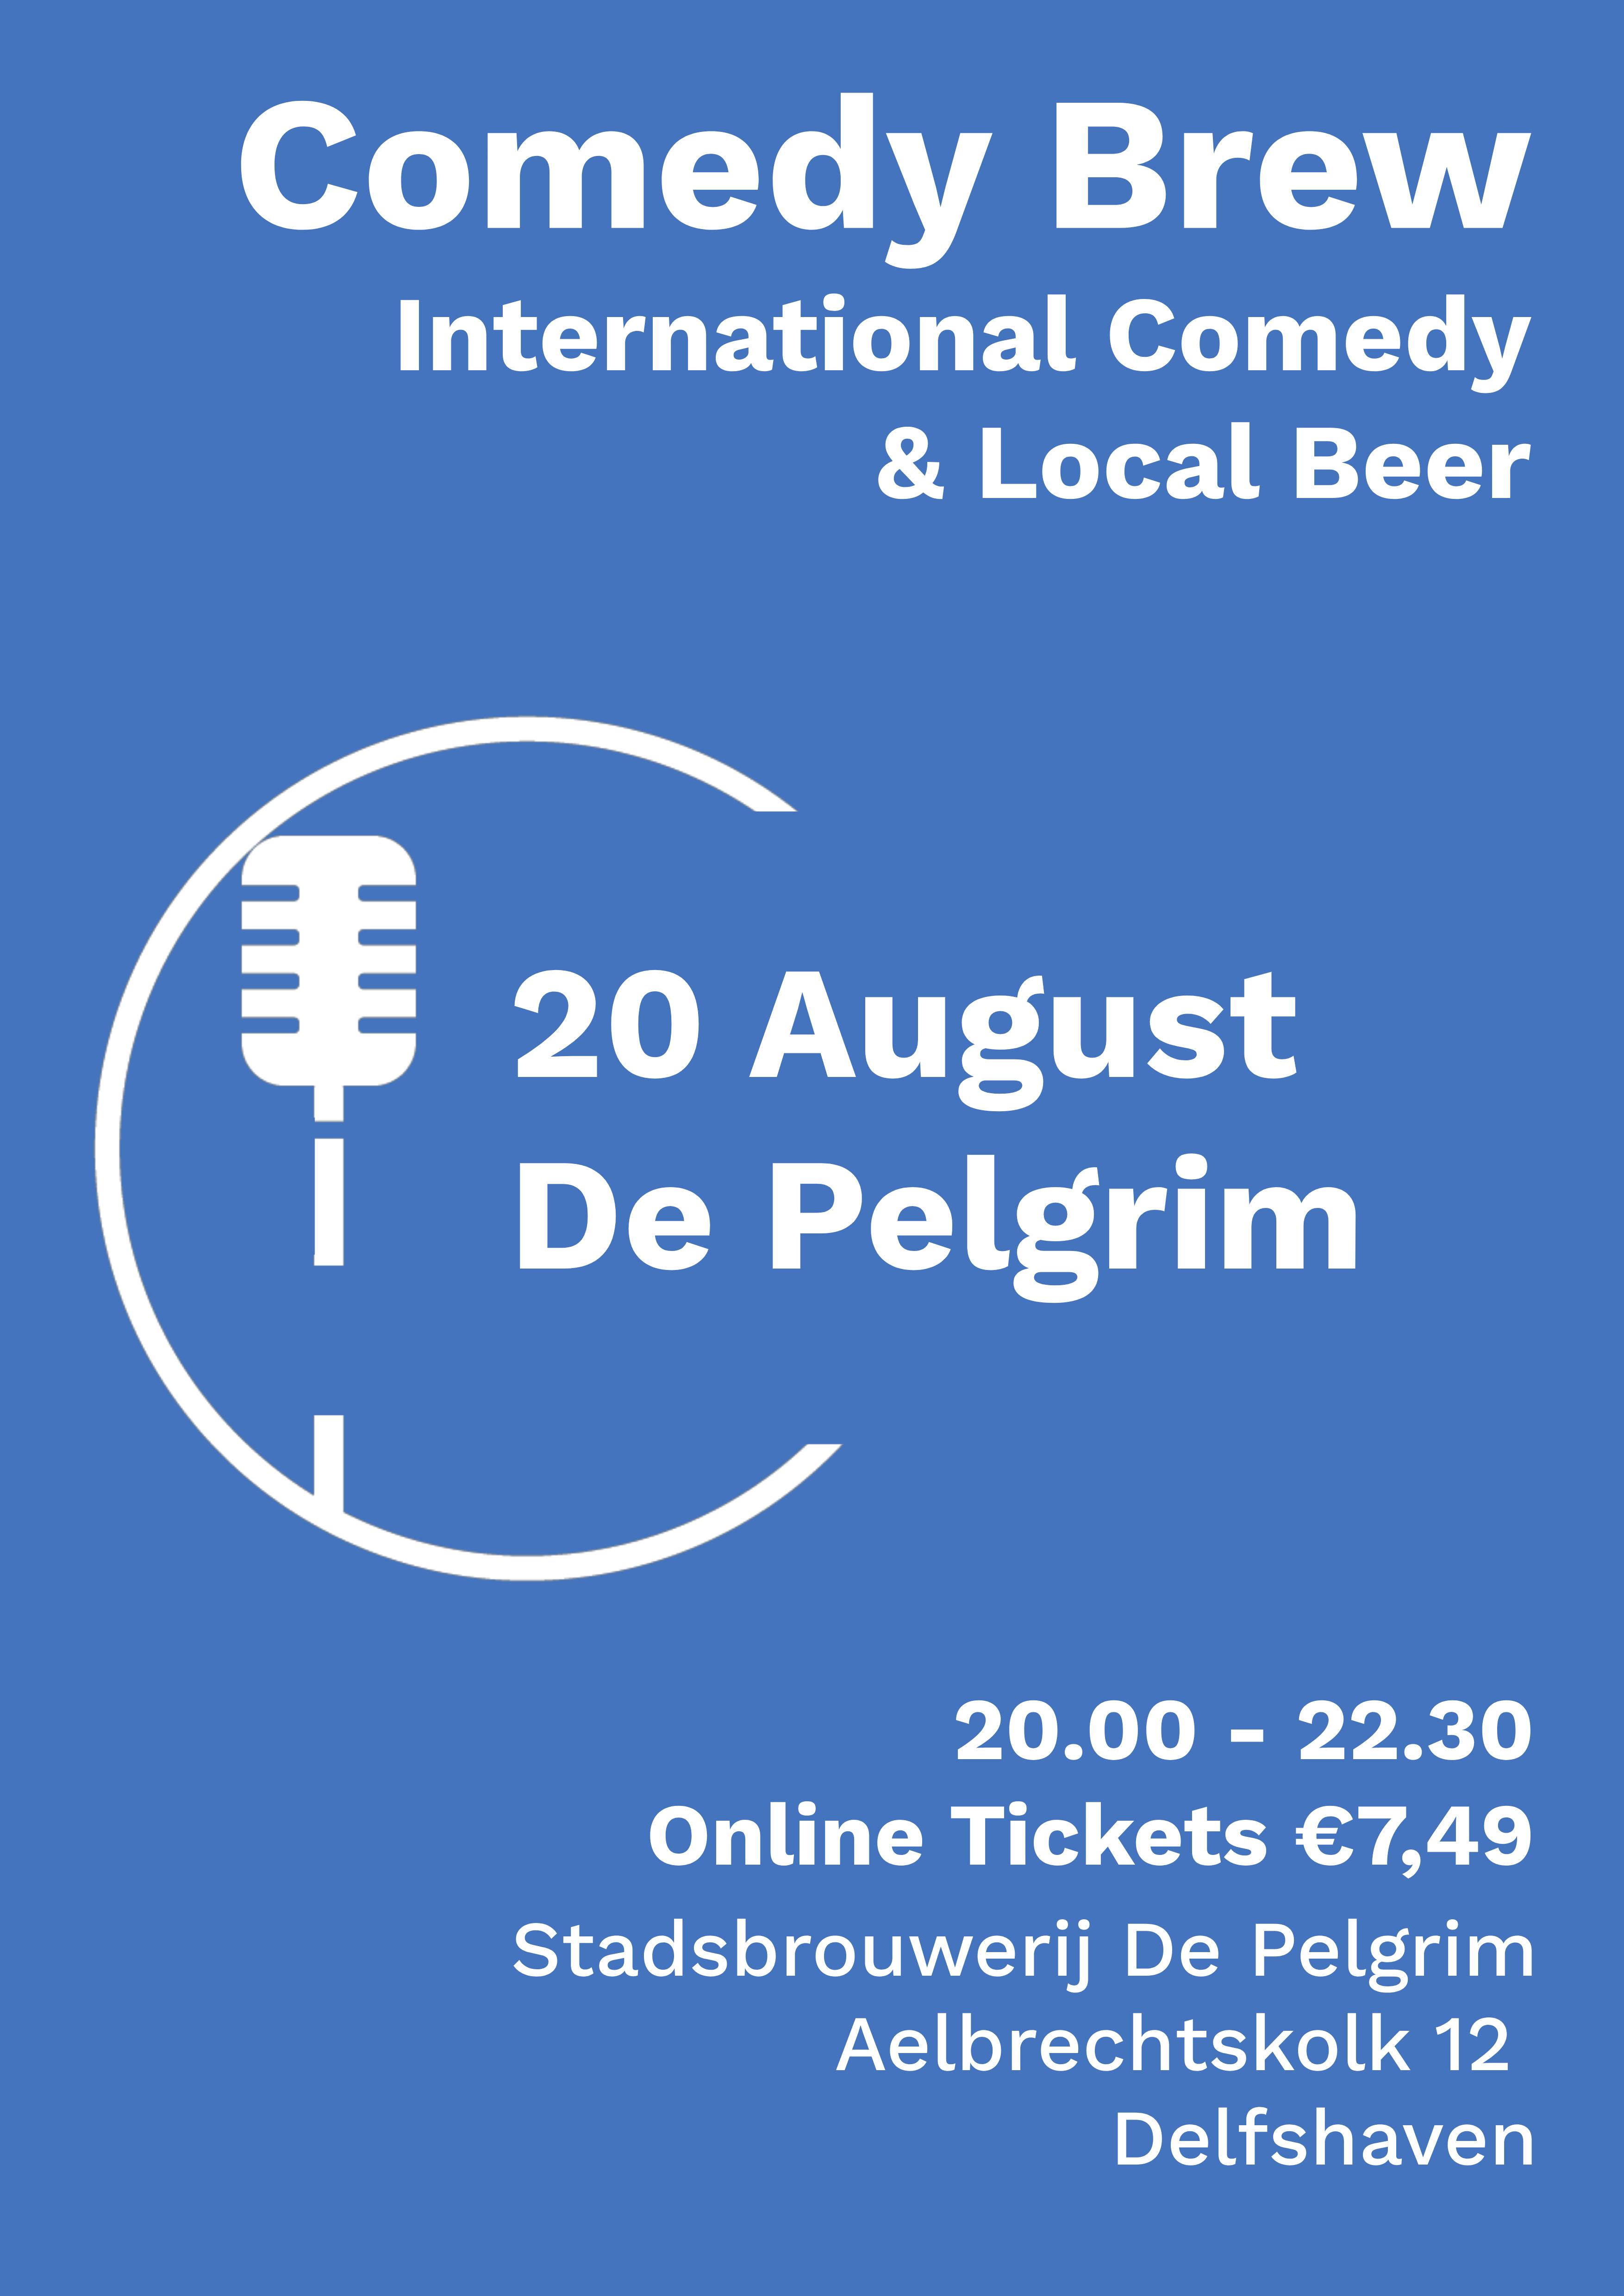 Ticket kopen voor evenement Summer Comedy Brew